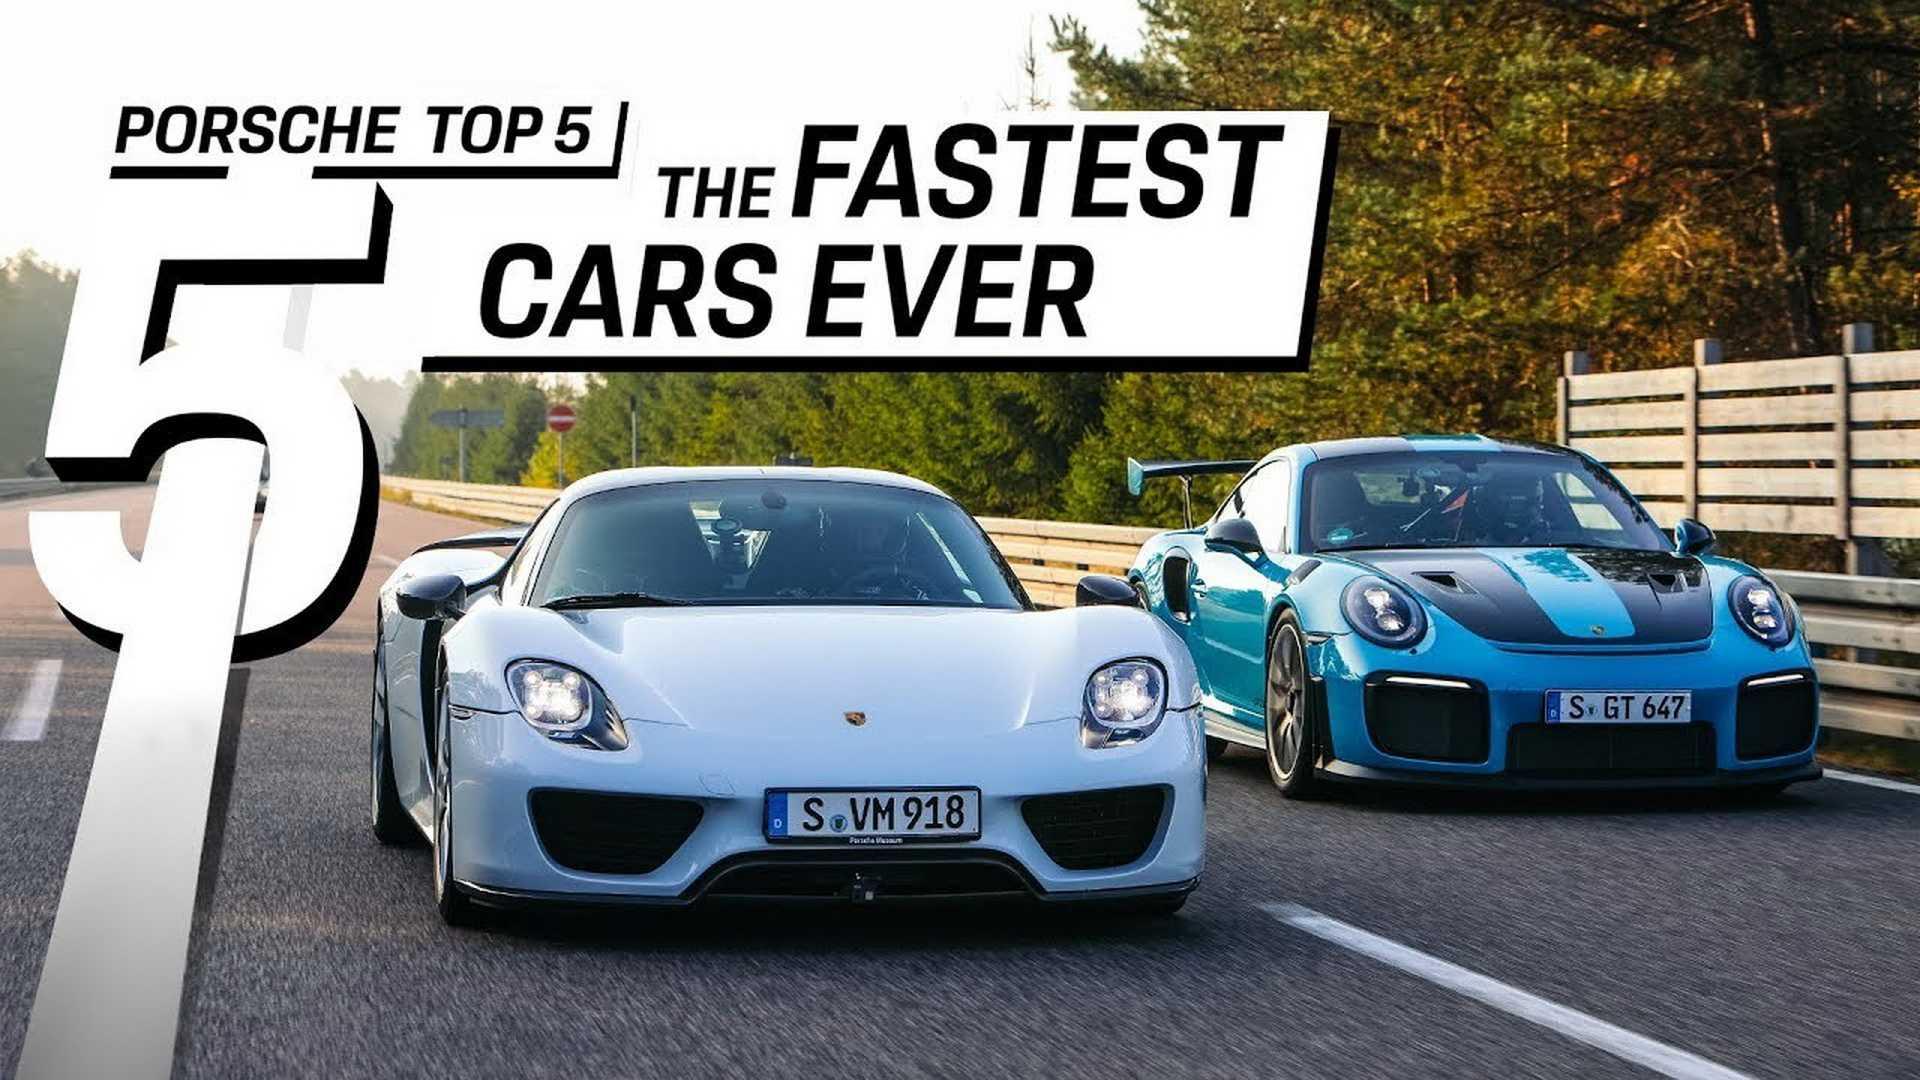 Conhece quais os cinco Porsche mais velozes de sempre? (c/vídeo)